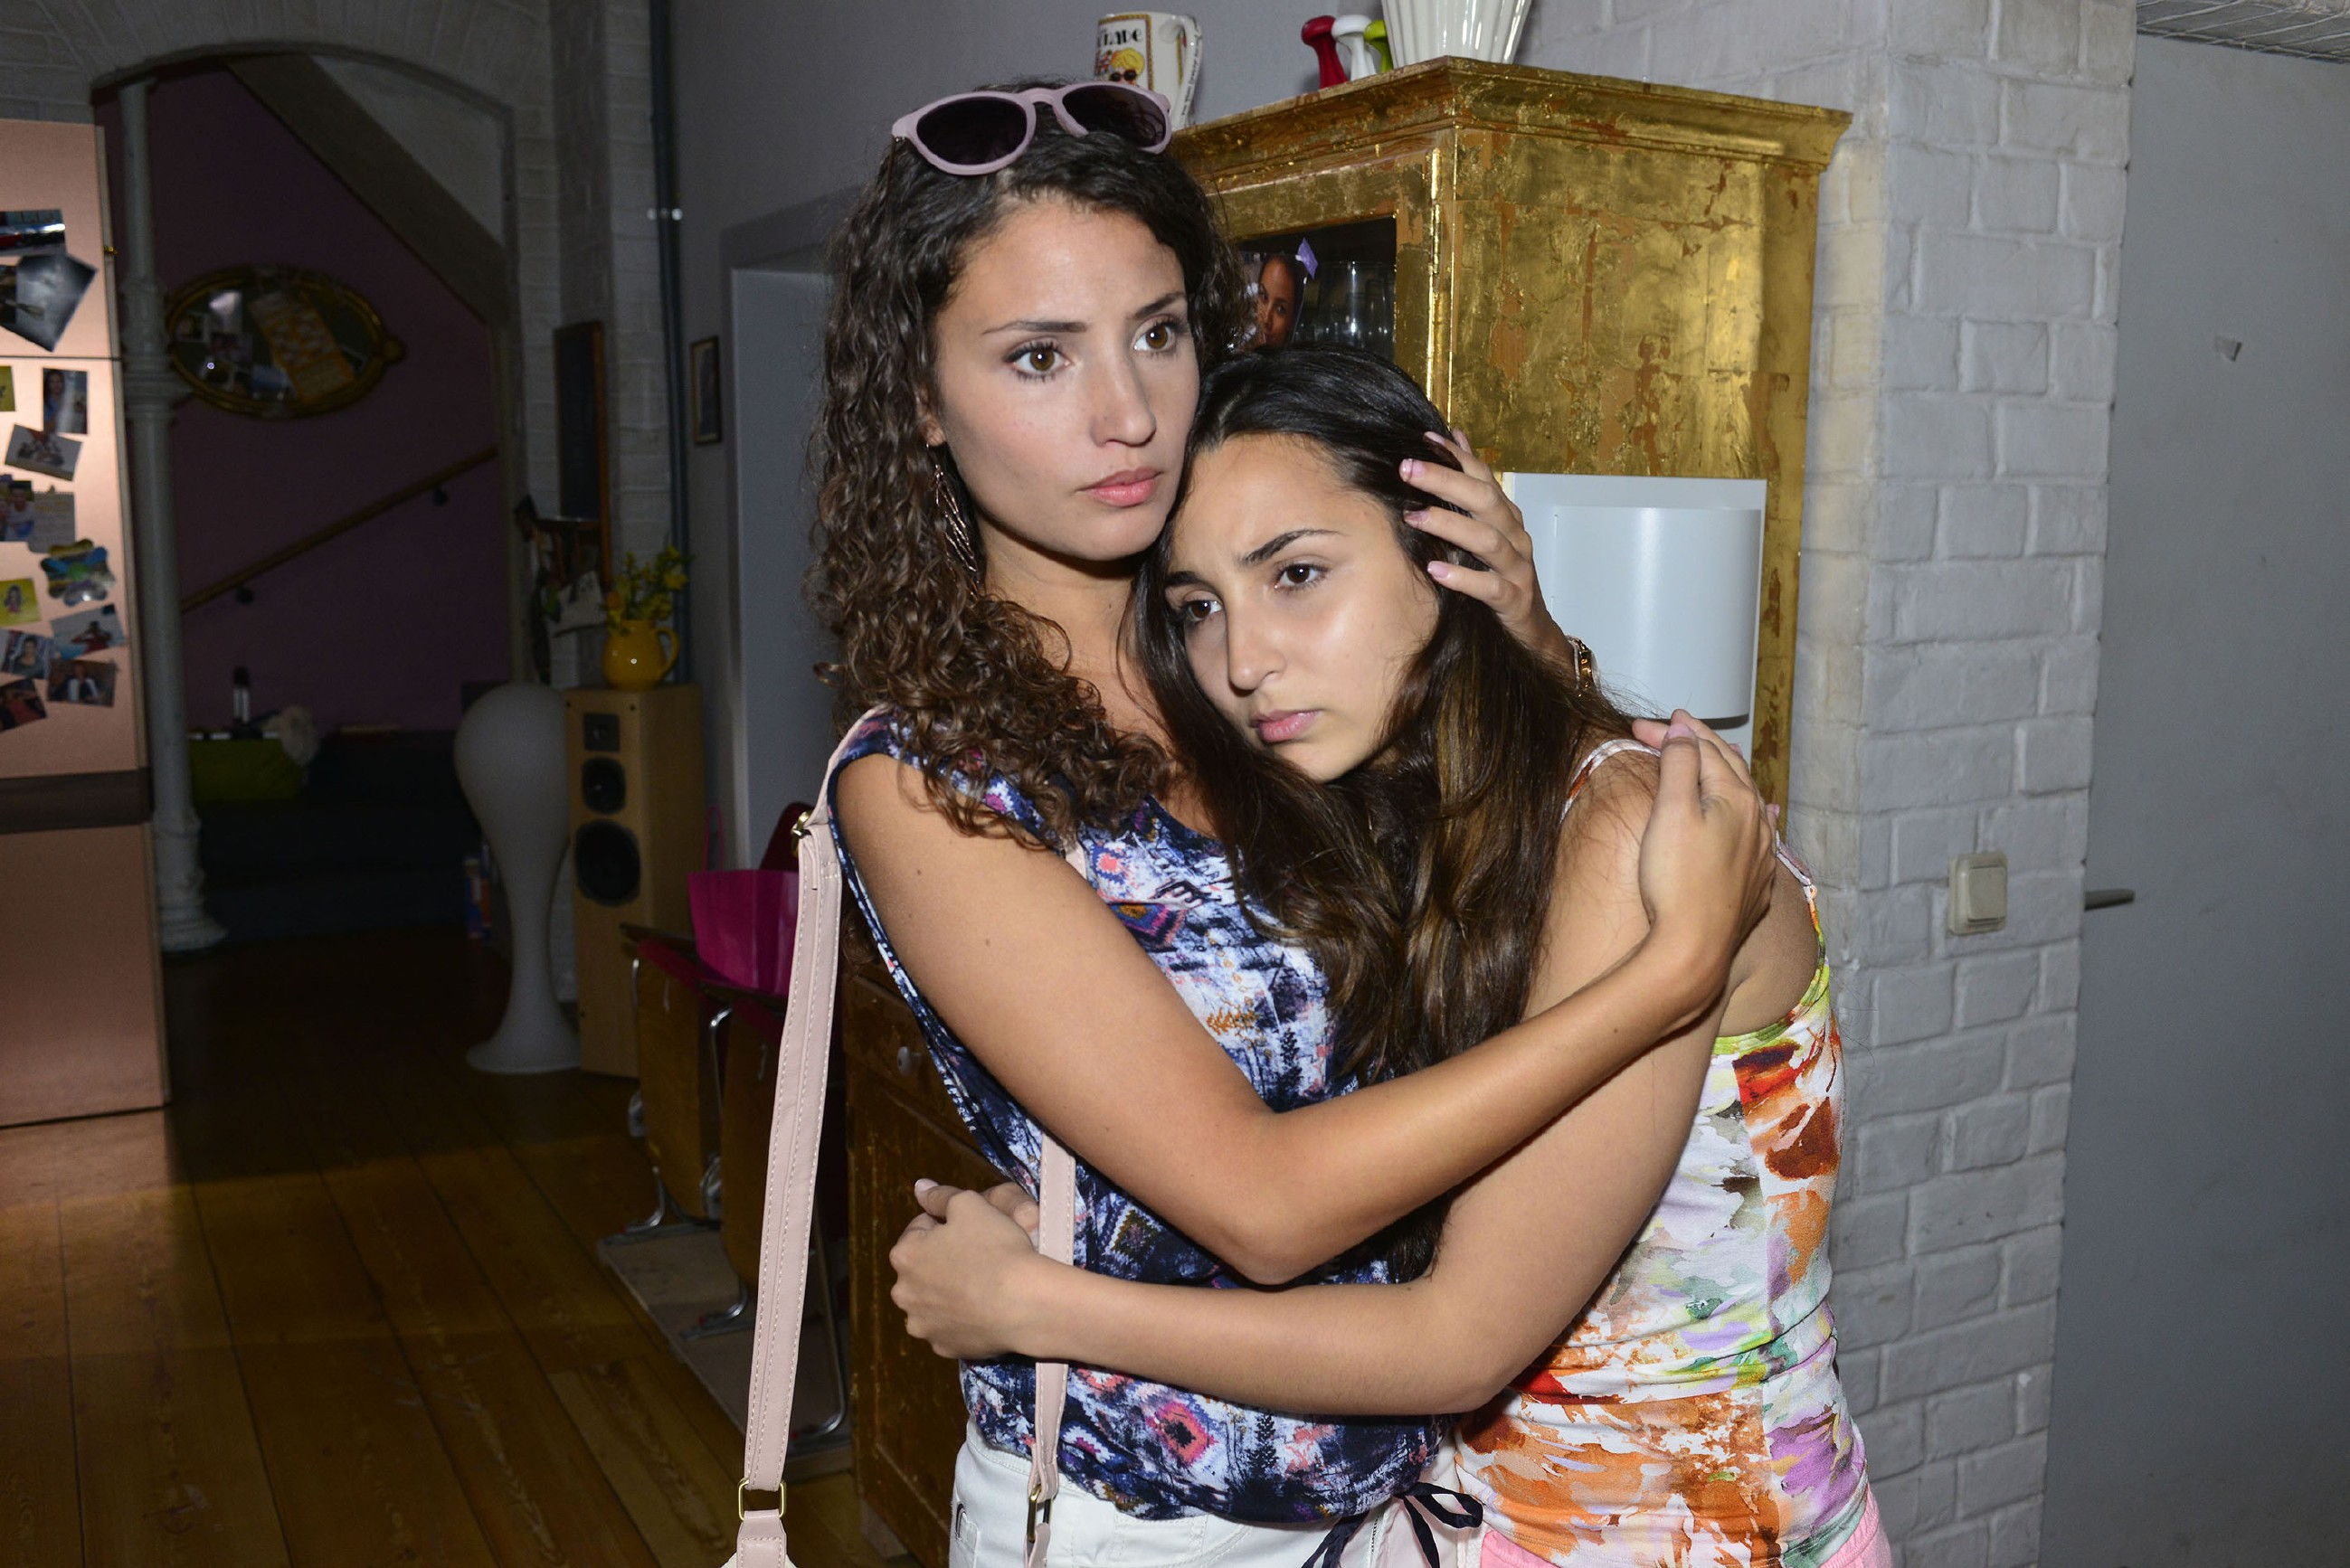 Ayla (Nadine Menz, l.) tröstet die wegen Jonas' Fehltritt tief verletzte Selma (Rona Özkan) und gibt ihr zu verstehen, dass sie bei Betrug kein Verzeihen kennt. (Quelle: RTL / Rolf Baumgartner)